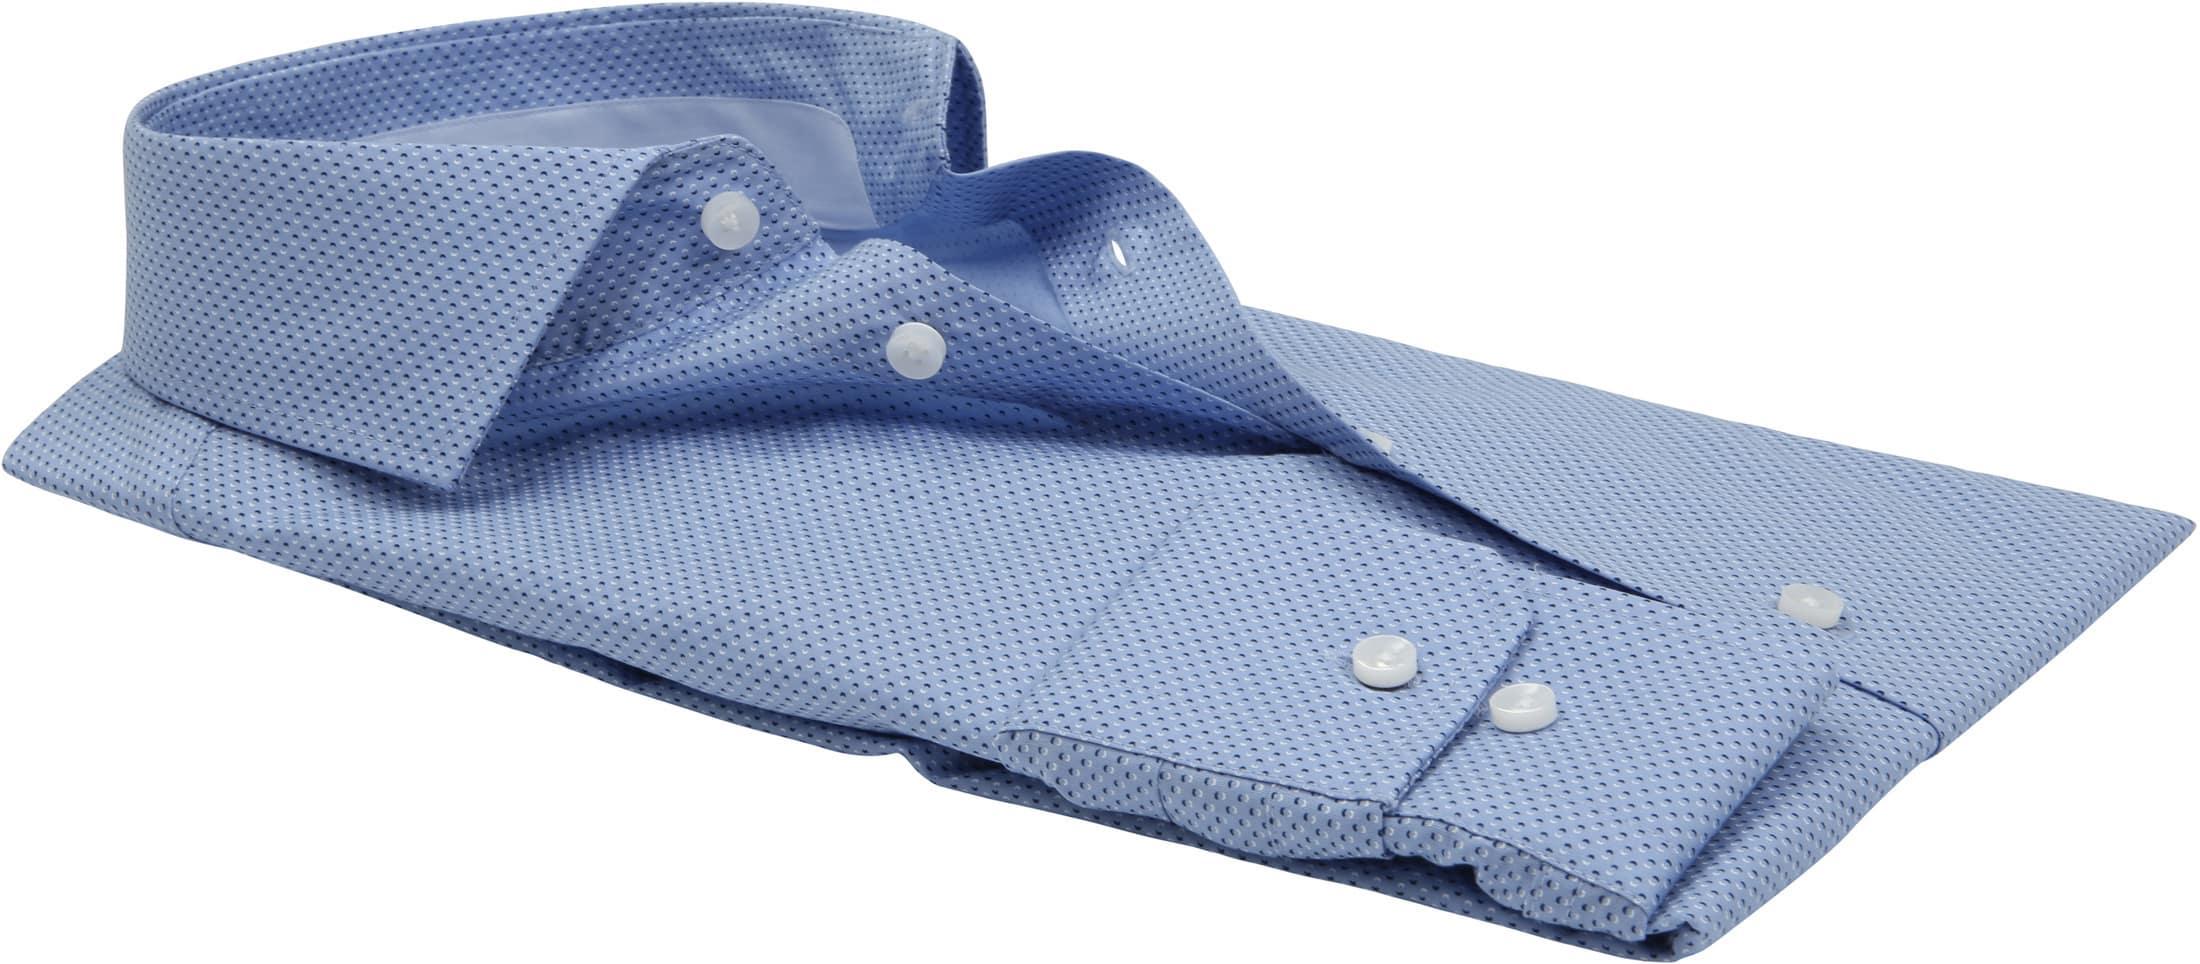 Seidensticker Overhemd TF Blauw Dessin foto 2